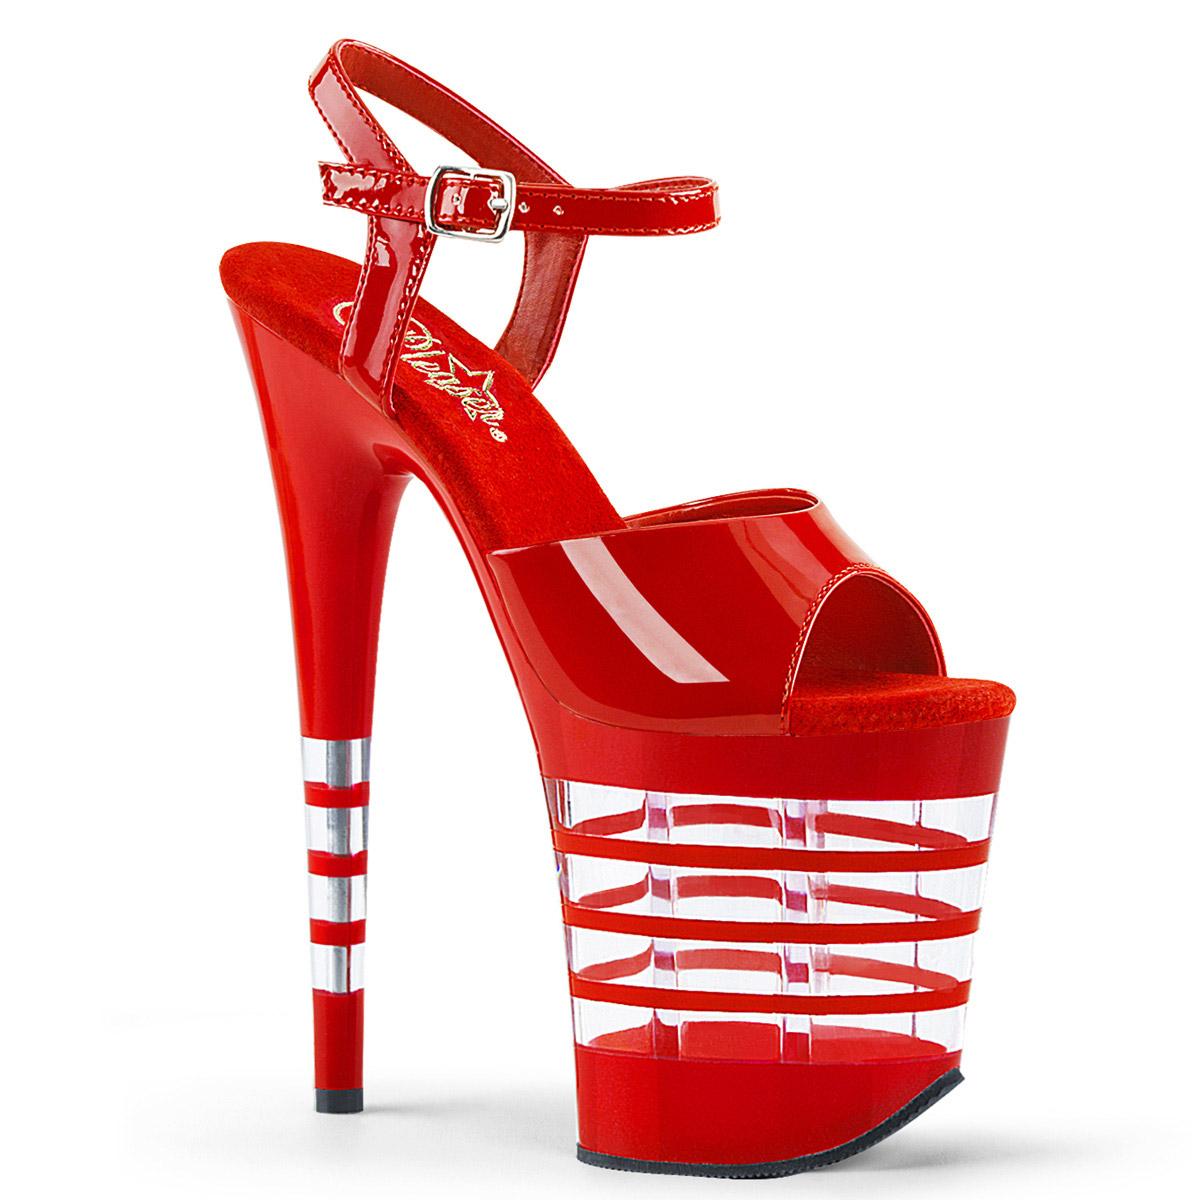 Pleaser Heel, 8